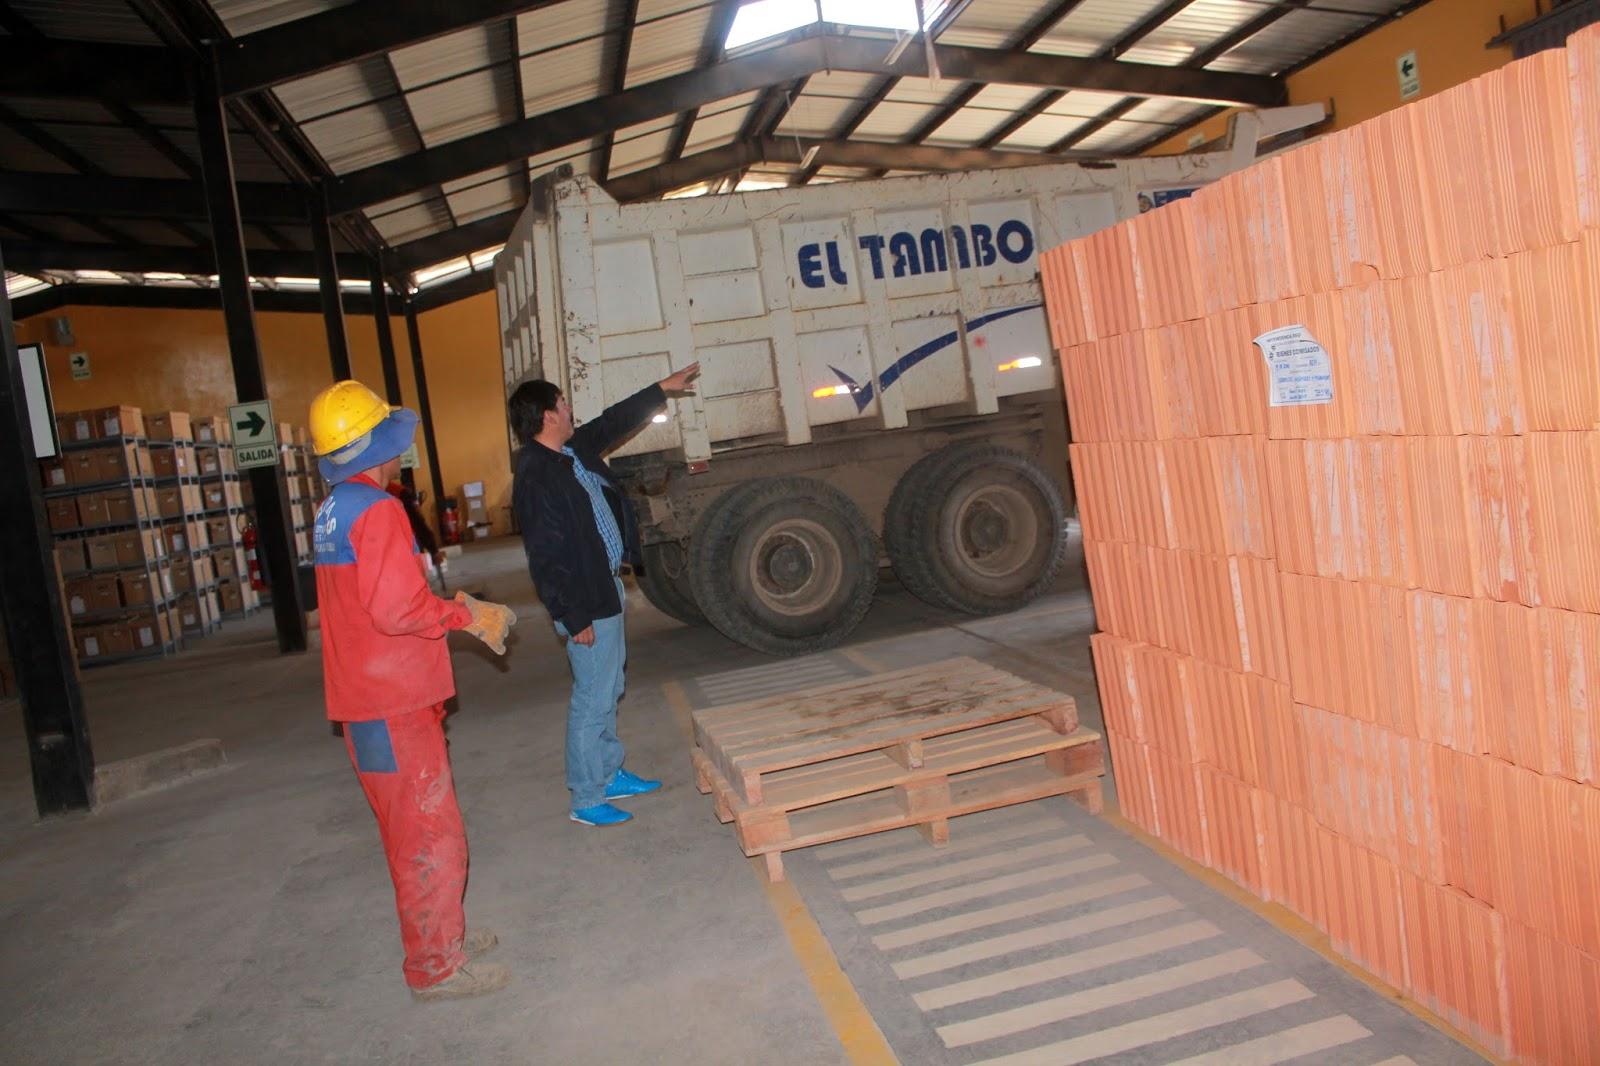 SUNAT DONA 5 MIL LADRILLOS PARA CONTINUAR CON LA CONSTRUCCIÓN DE EL POLIDEPORTIVO LA ESPERANZA